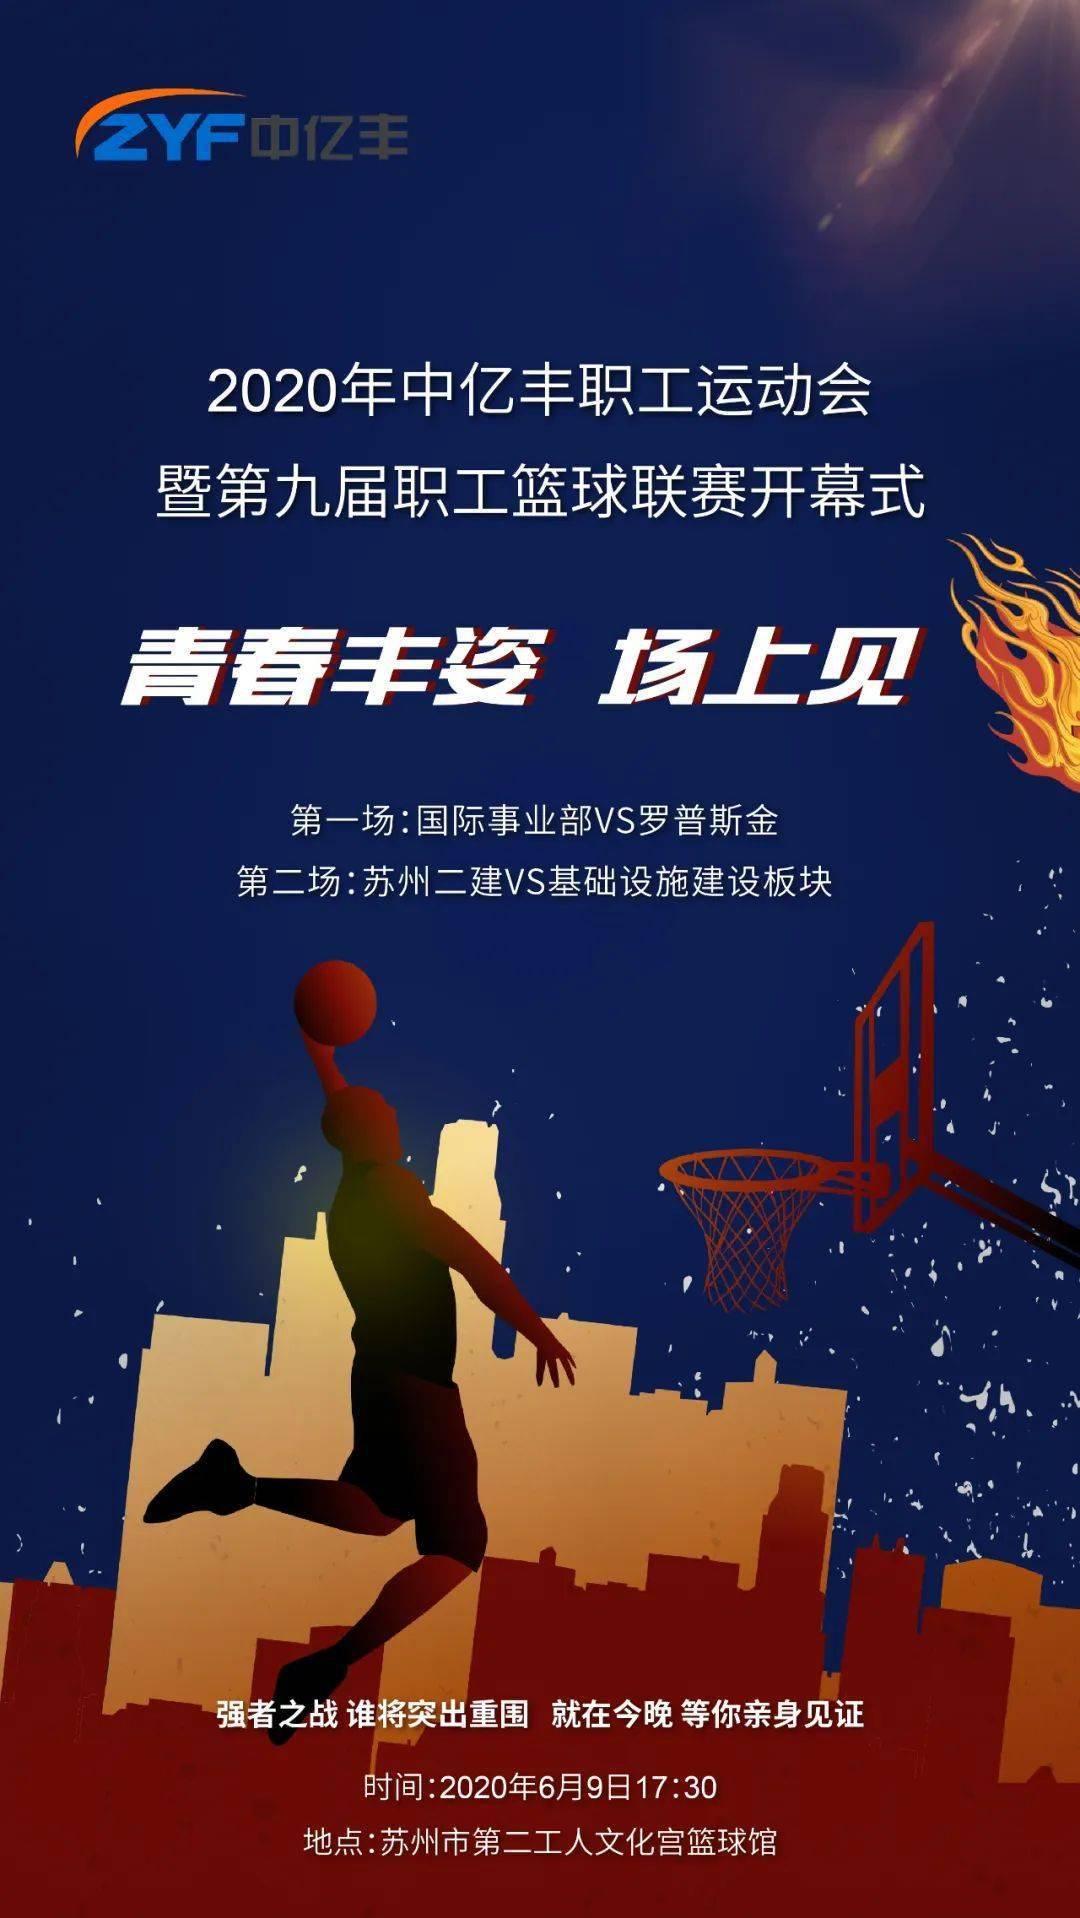 【预告】就在今天,我们约一场久违的篮球吧!